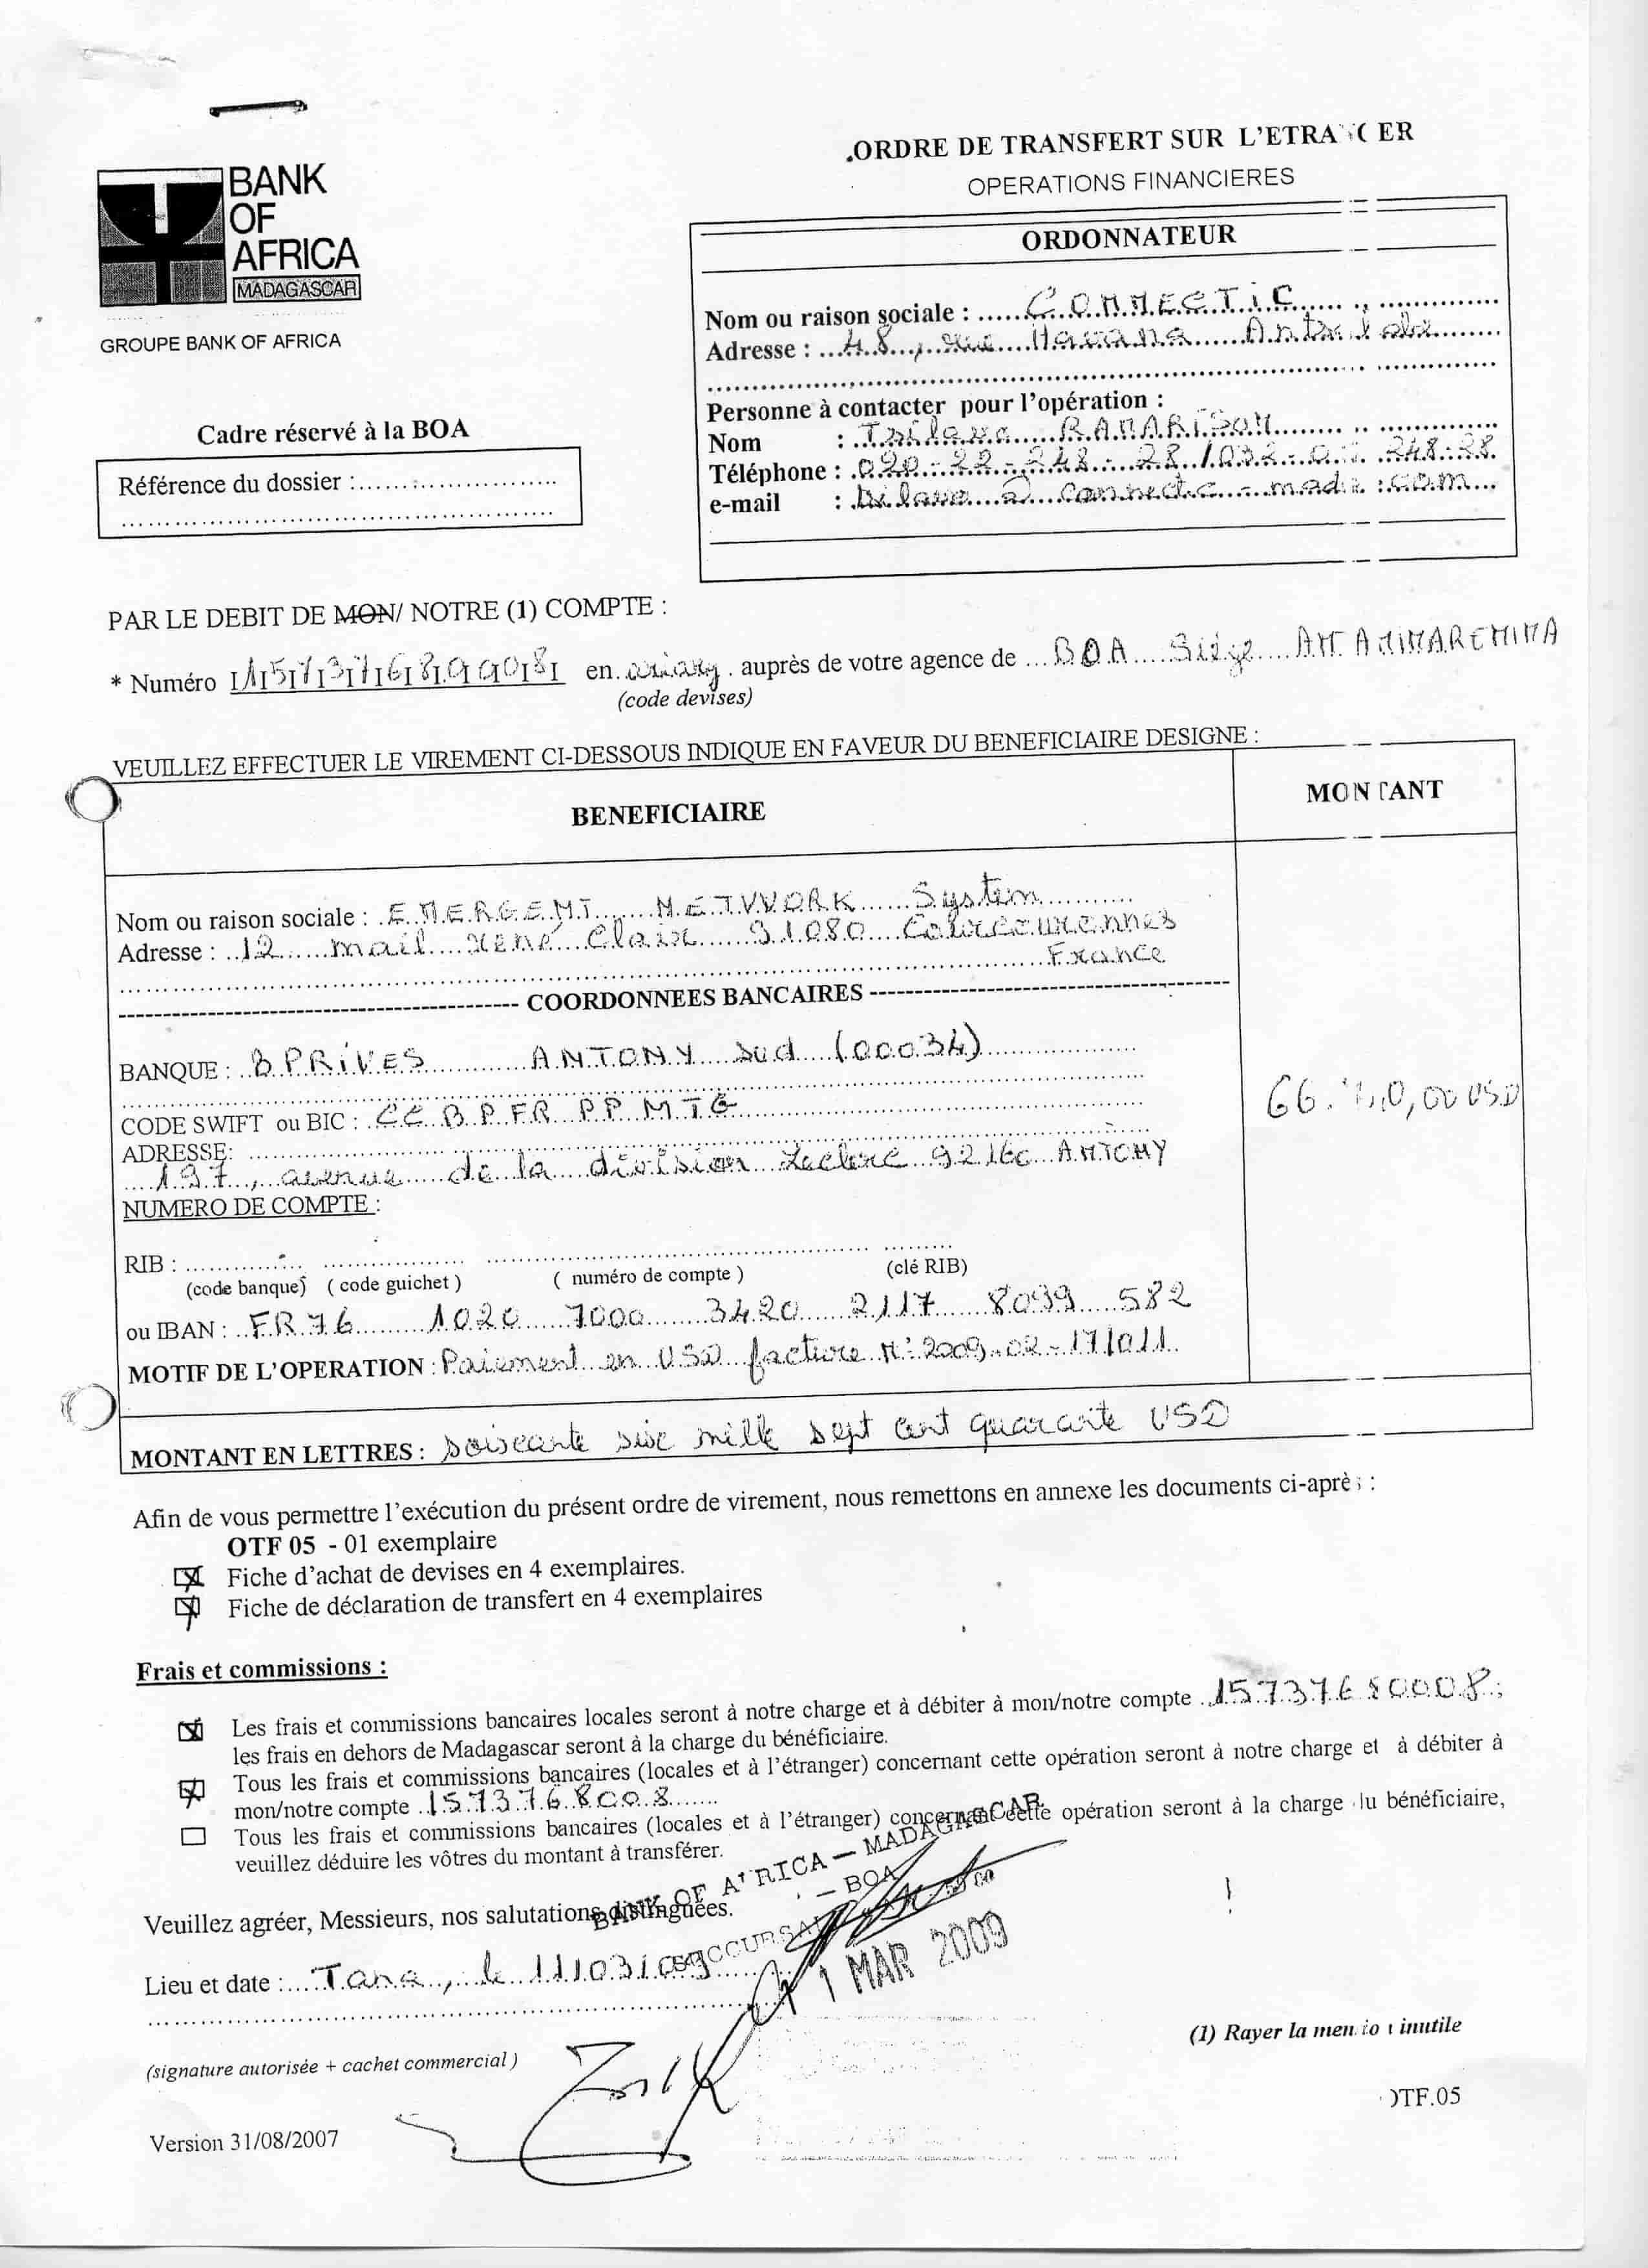 Virement 2009 signé par RANARISON Tsilavo 2 min 1 - En 2009, RANARISON Tsilavo a signé TOUS les ordres de virements bancaires de CONNECTIC Madagascar  vers EMERGENT